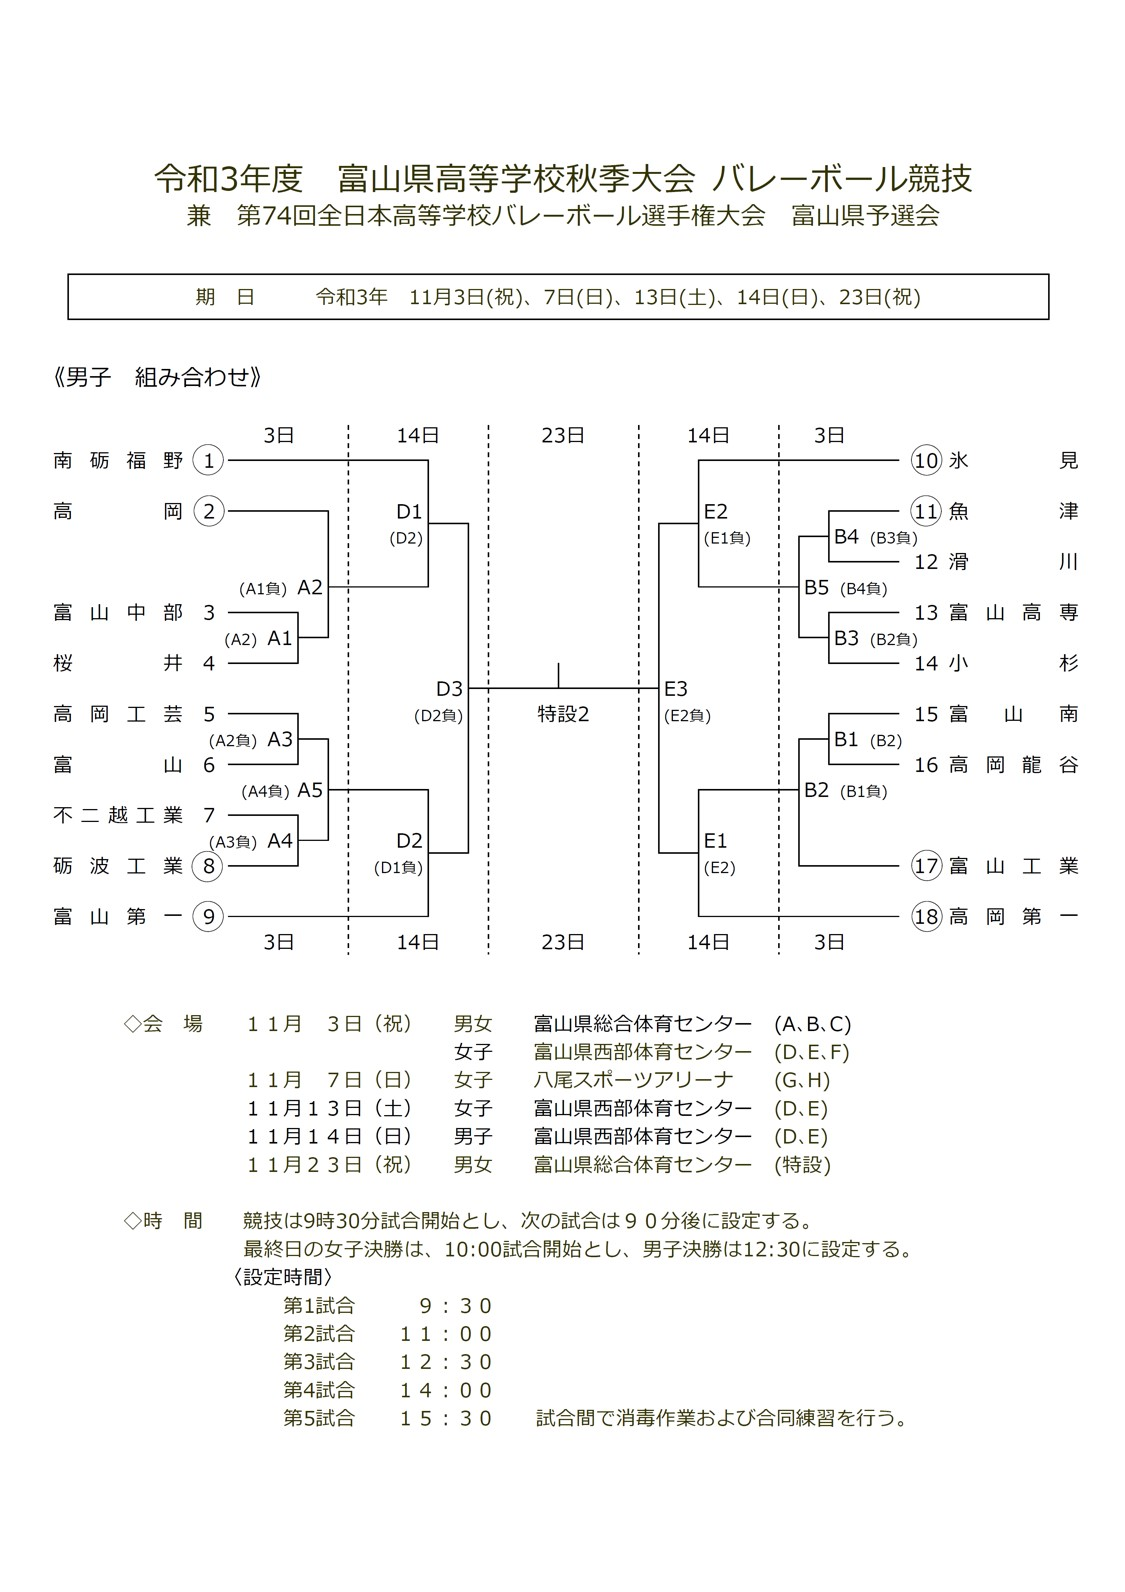 2021年度_全日本高校選手権_富山予選_男子_組合せ